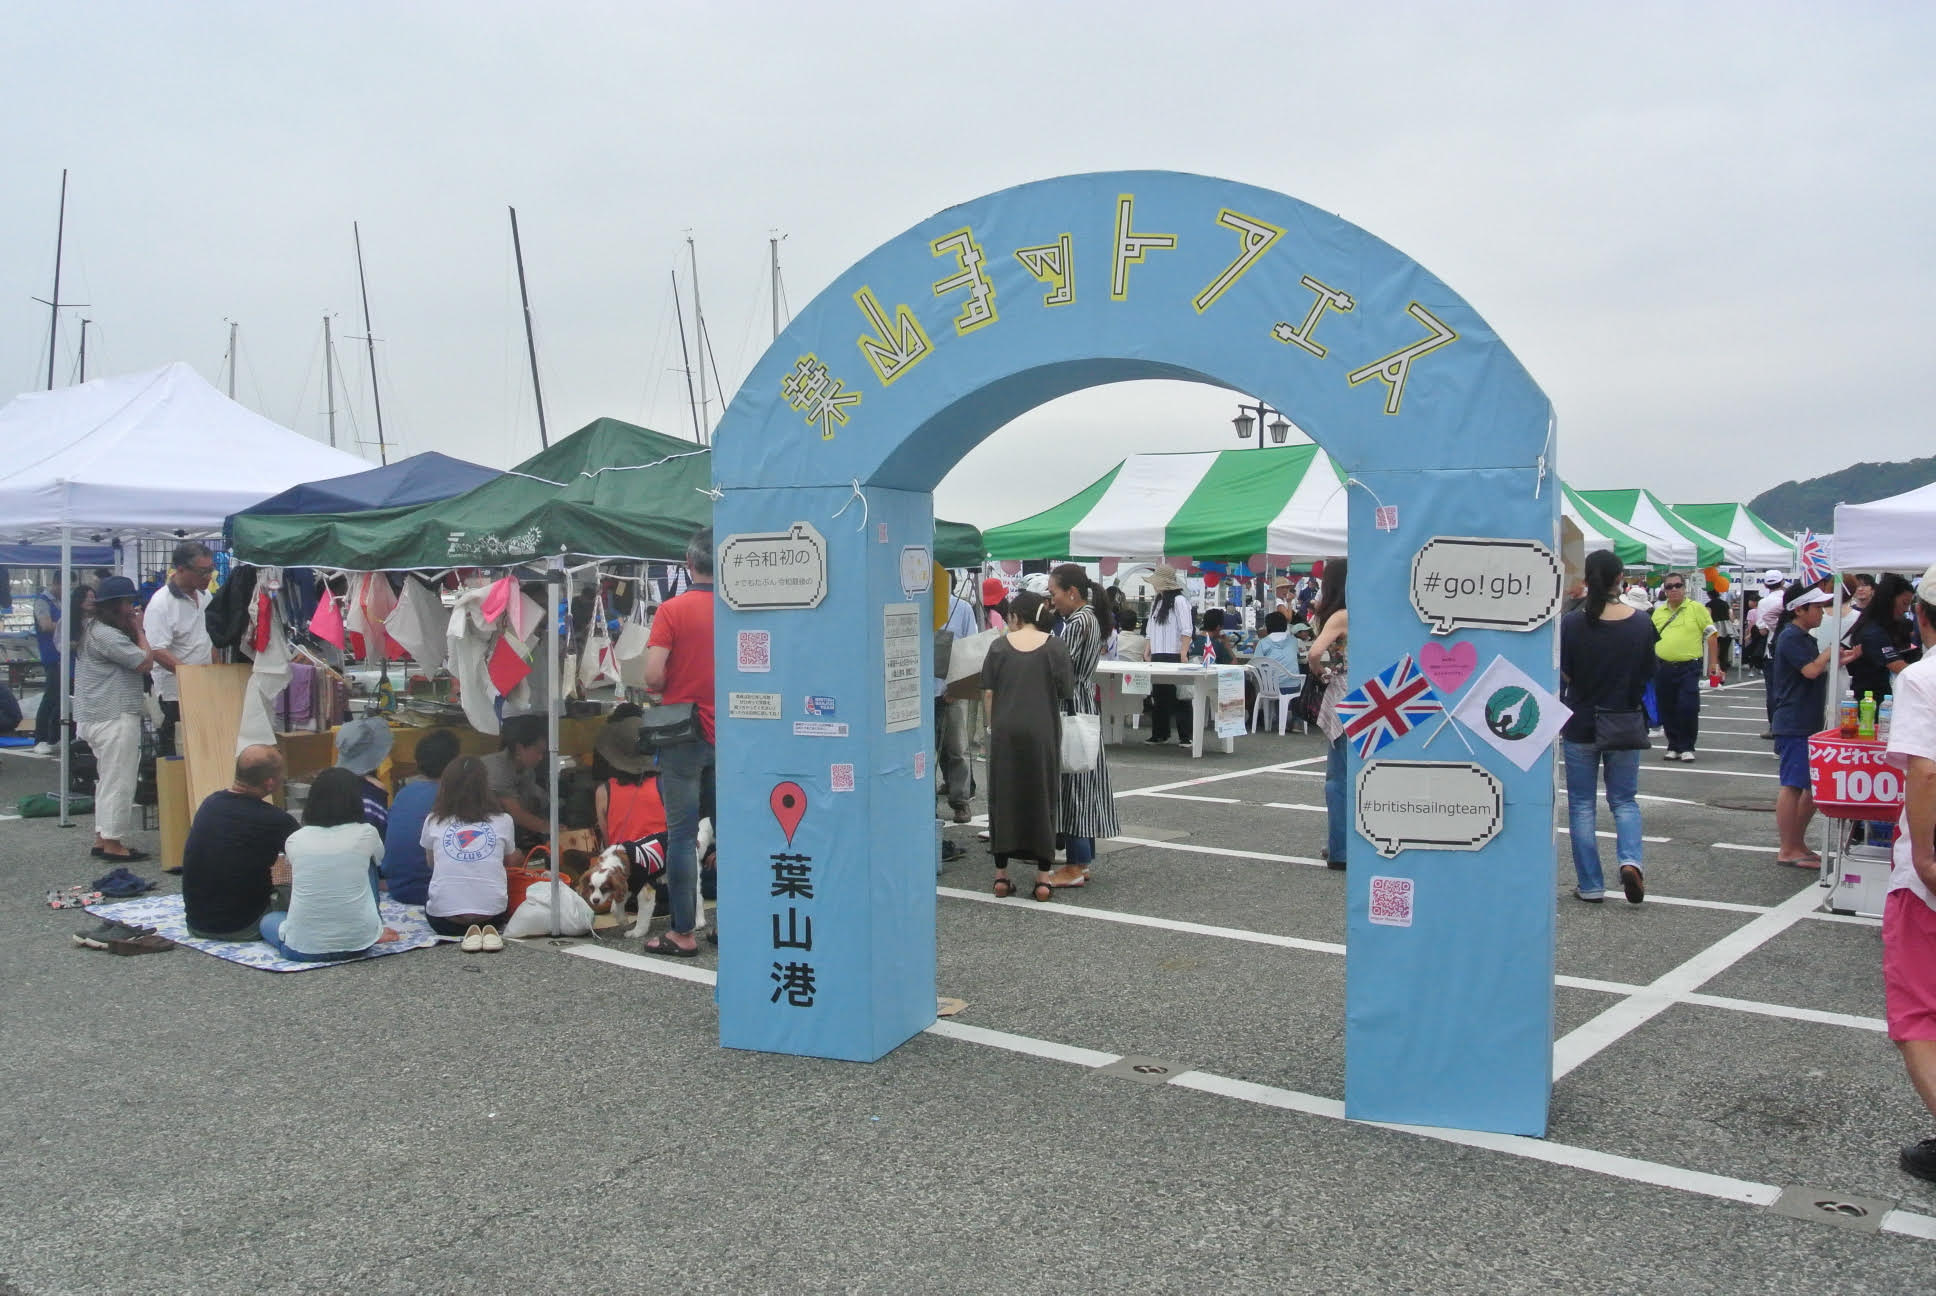 葉山ヨットフェス入口。おそらく手作りで作られた紙製の水色のアーケードには、Instagram投稿用のタグやフラッグアイテムが置かれている。